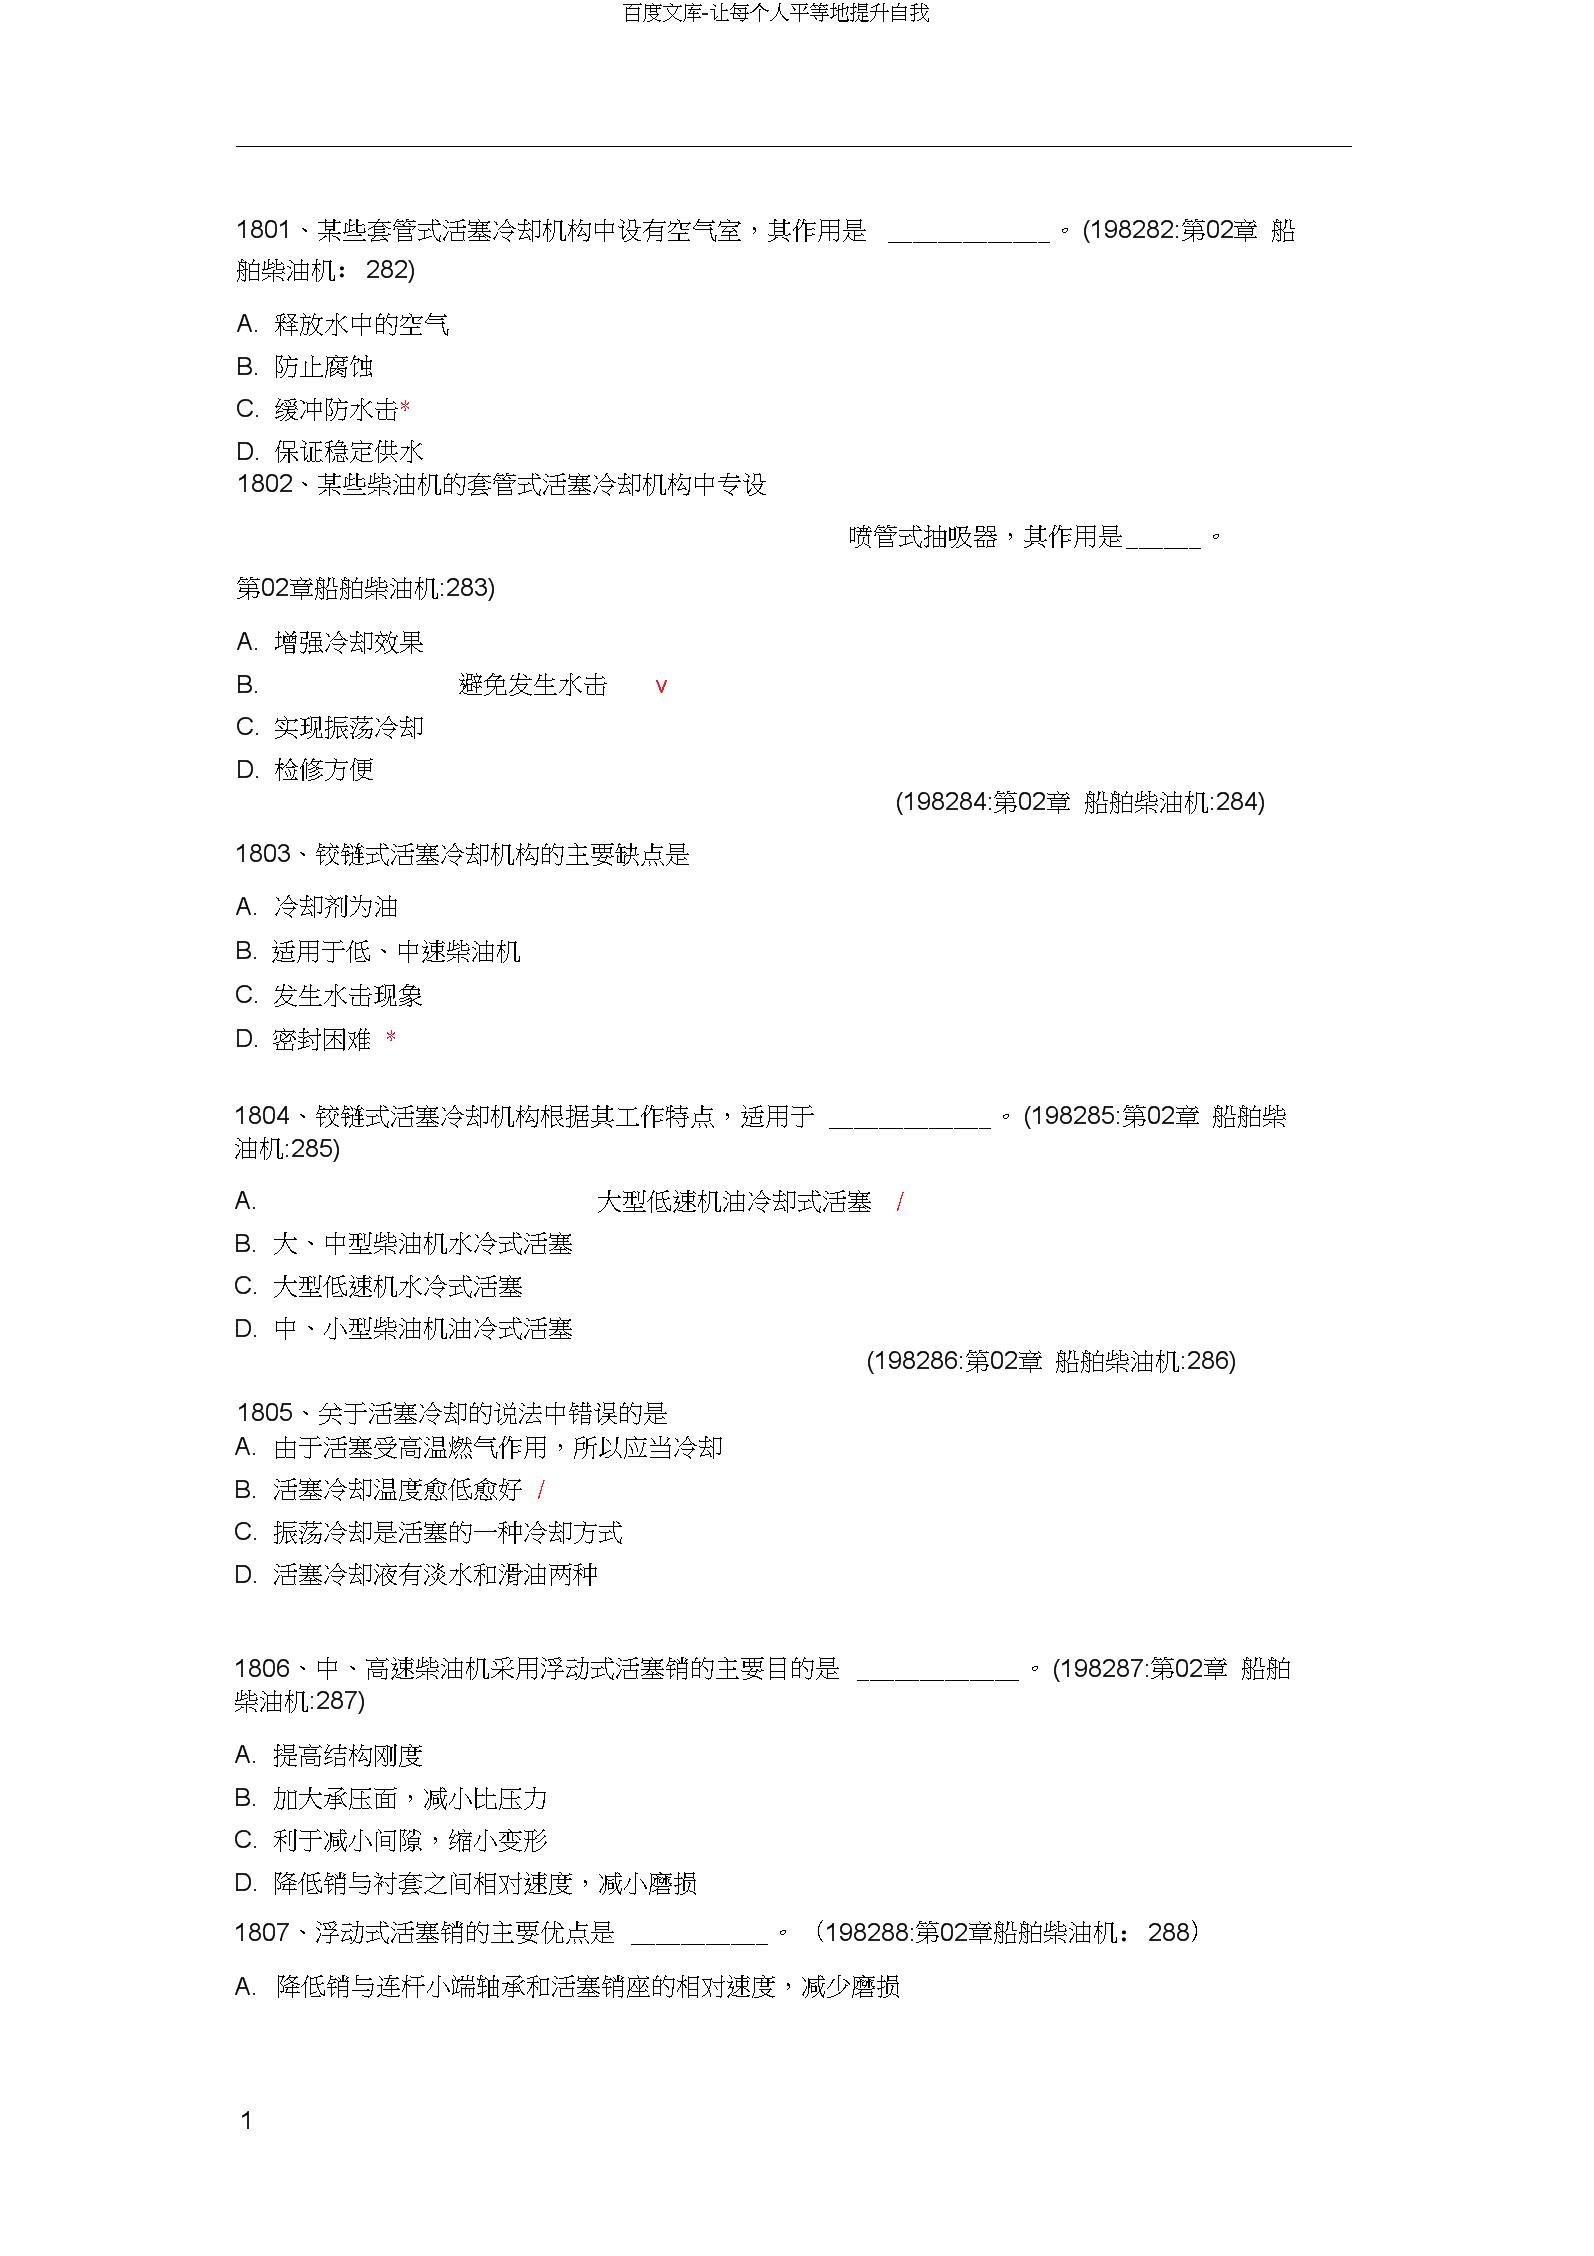 1801大管轮船舶主机手机版题库.docx